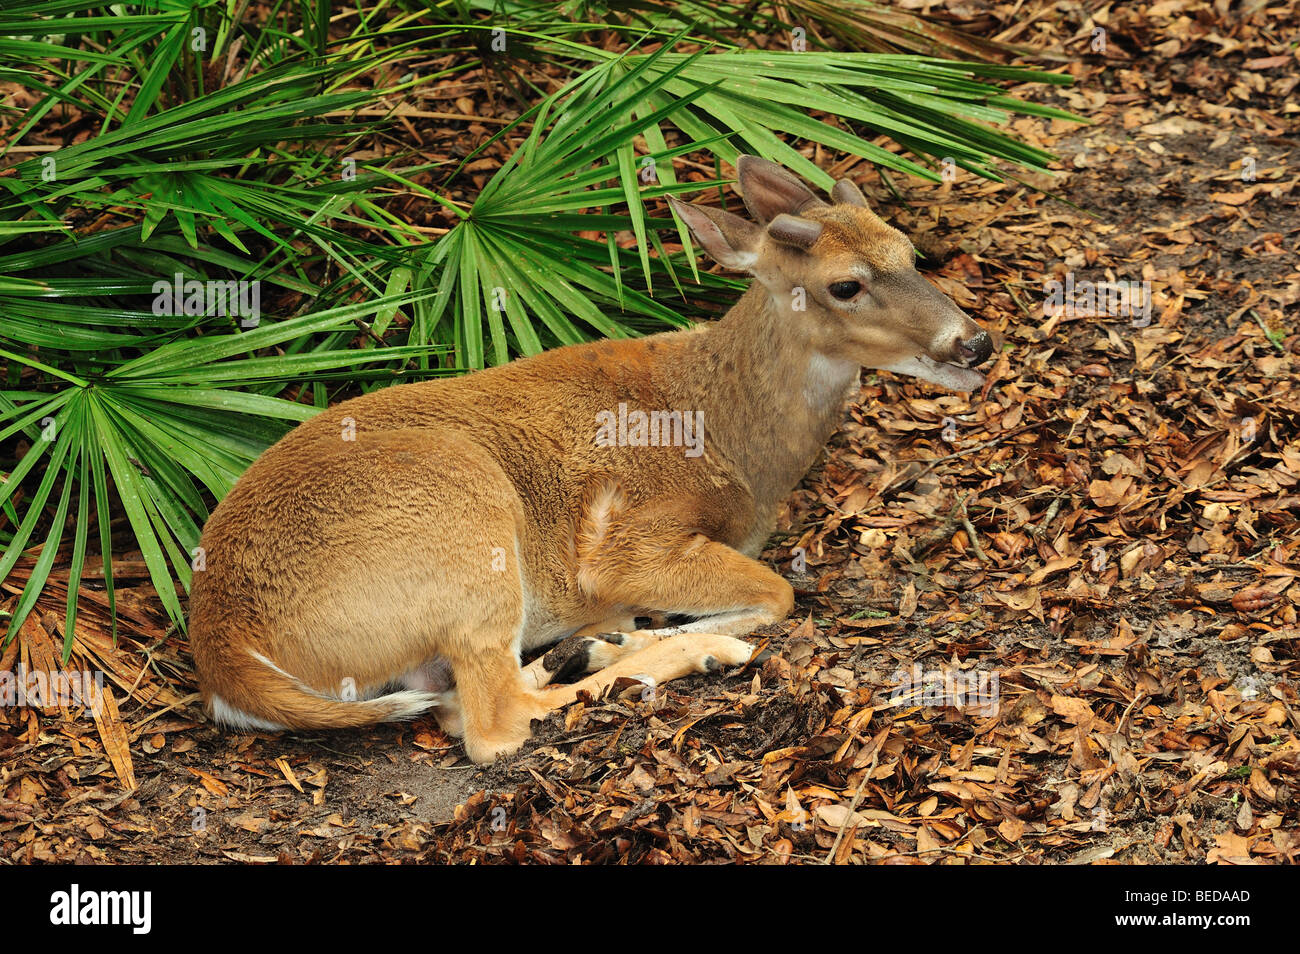 White-tailed Deer, Odocoileus virginianus, Lake Bradford, Florida (captive) - Stock Image